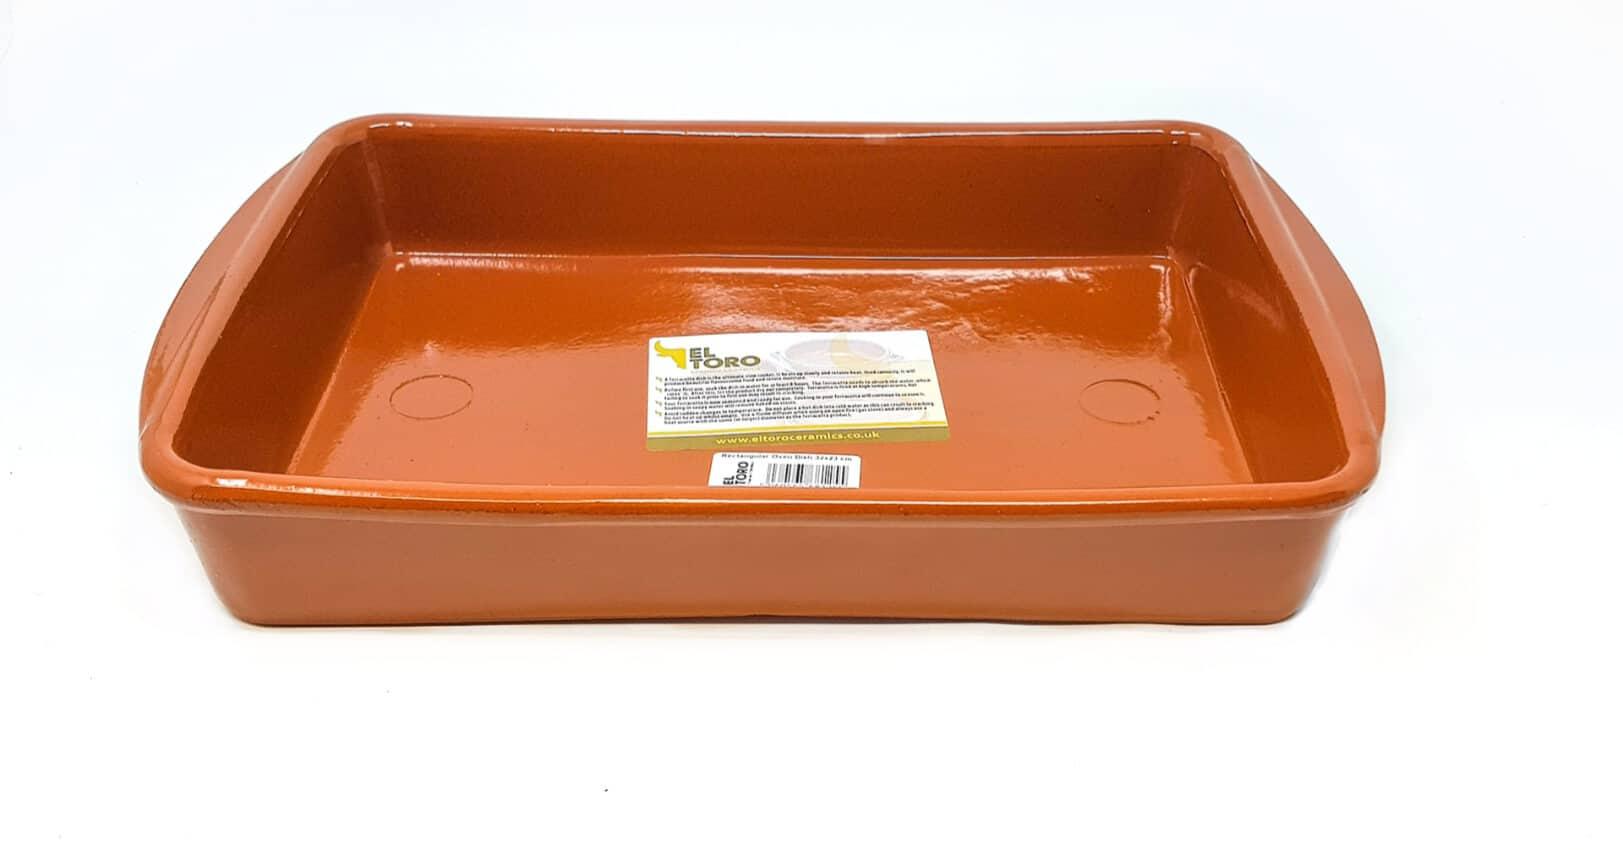 Verano-Spanish-Ceramics-El-Toro-Rectangular-Oven-Dishes-Set-of-3-8